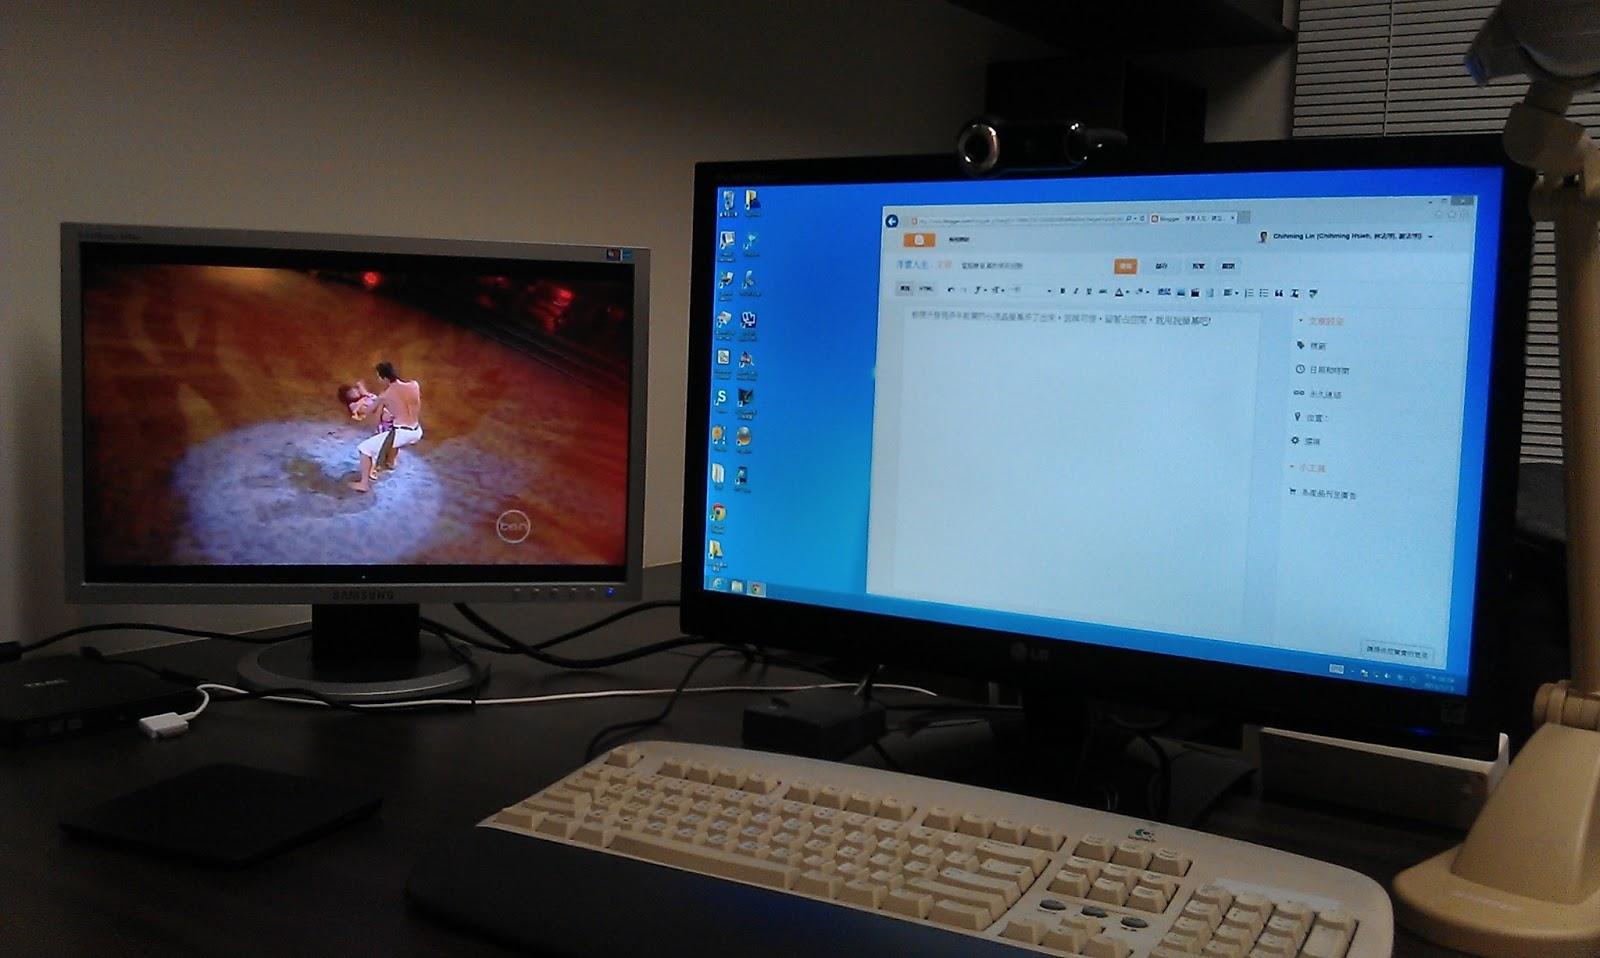 浮雲人生: 電腦雙螢幕的使用經驗